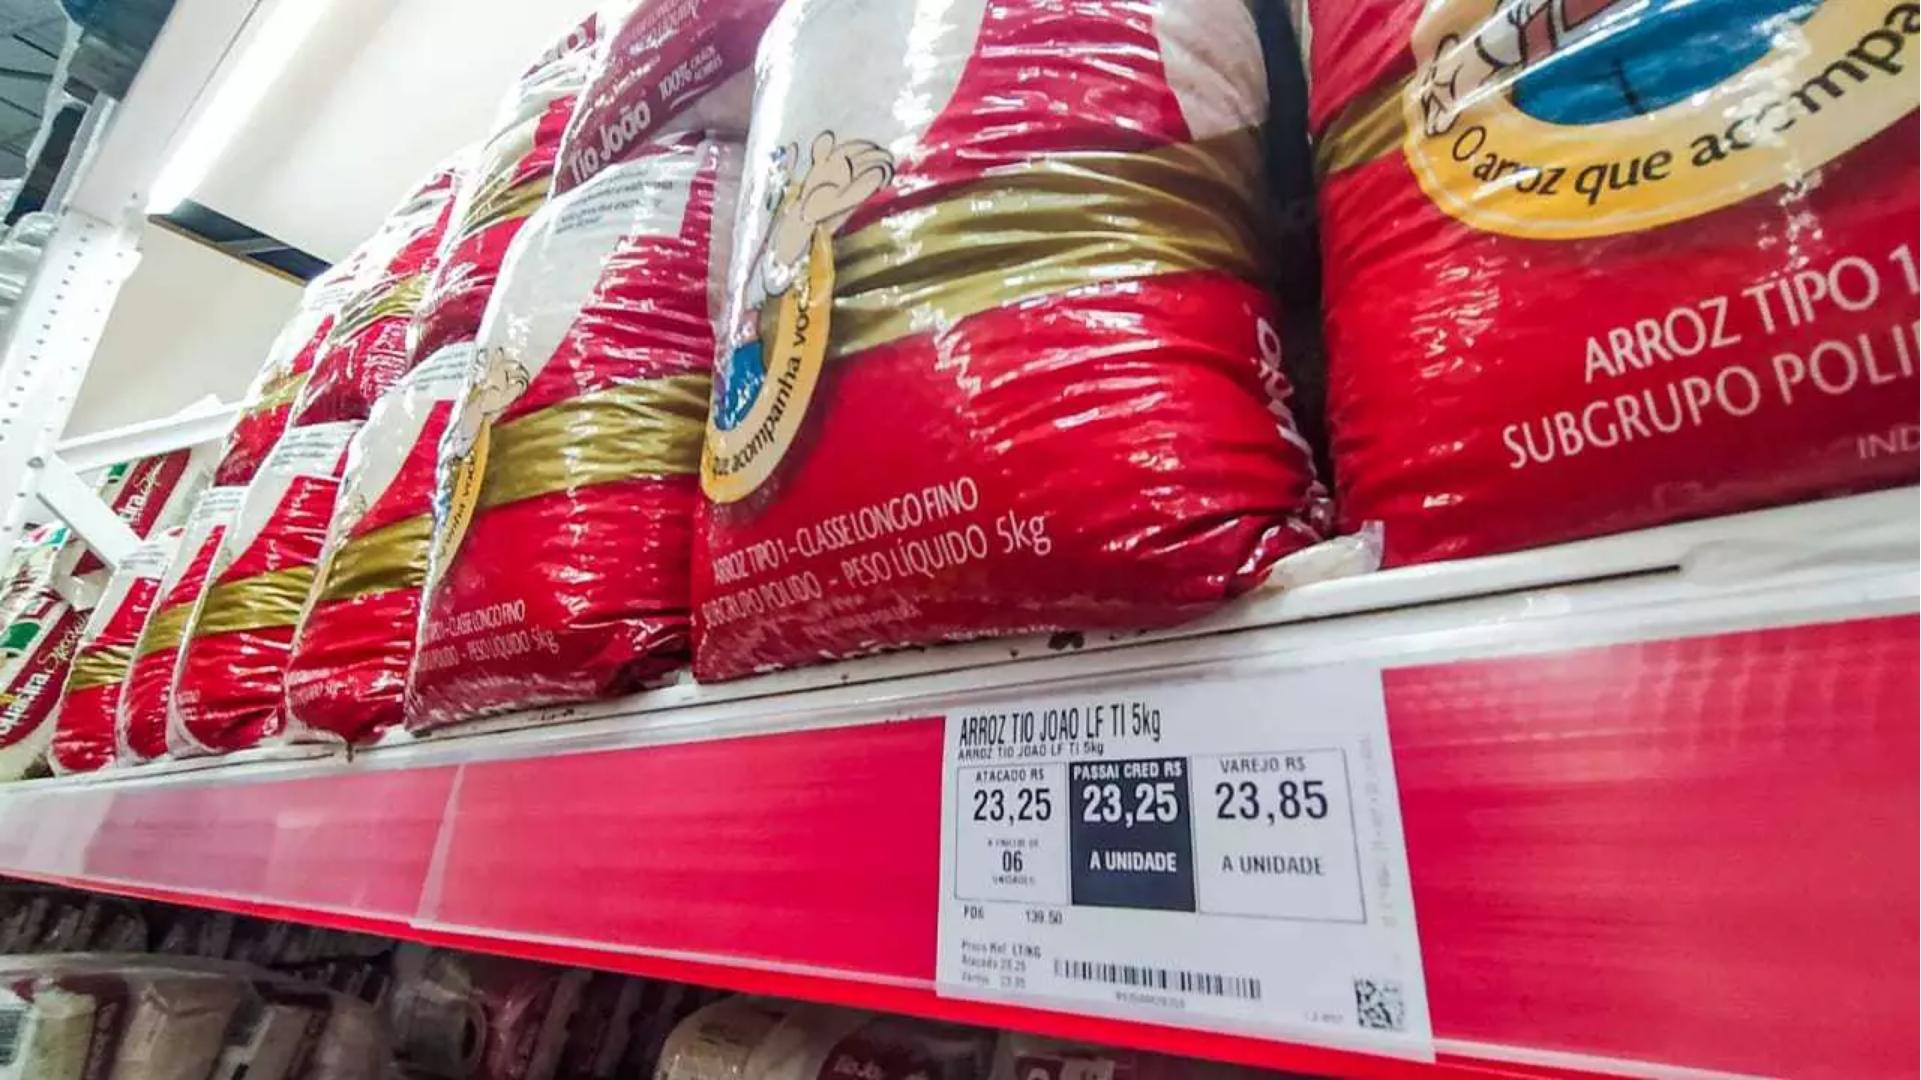 Governo zera imposto para baixar o preço do arroz